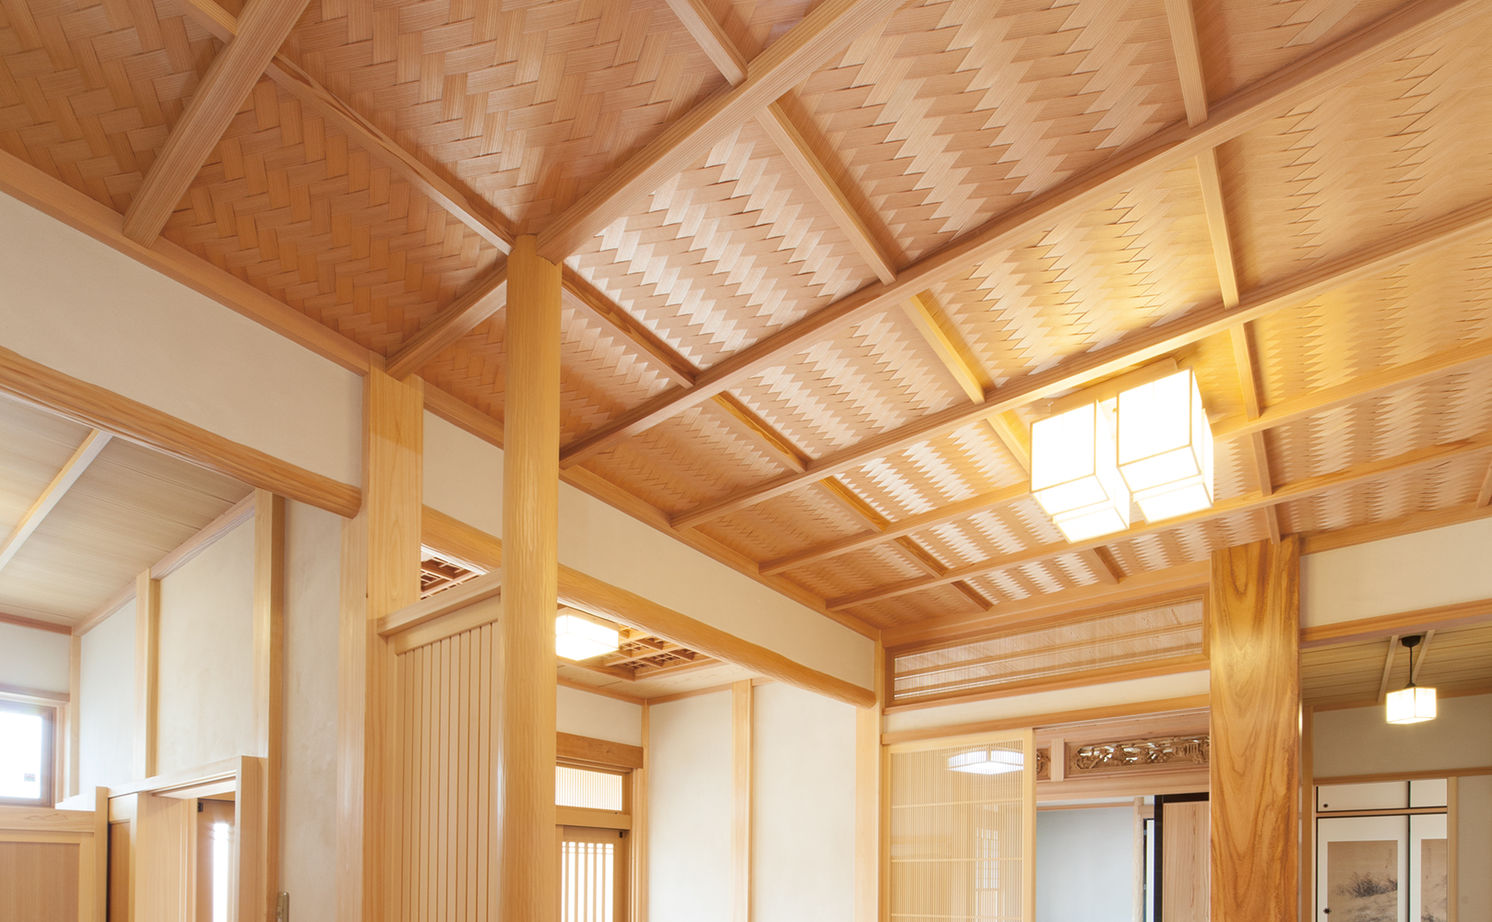 日本建築の文化と伝統を継承し、末永く住むほど味わいが出る、頑丈な無垢木材で建てた平屋の家画像3